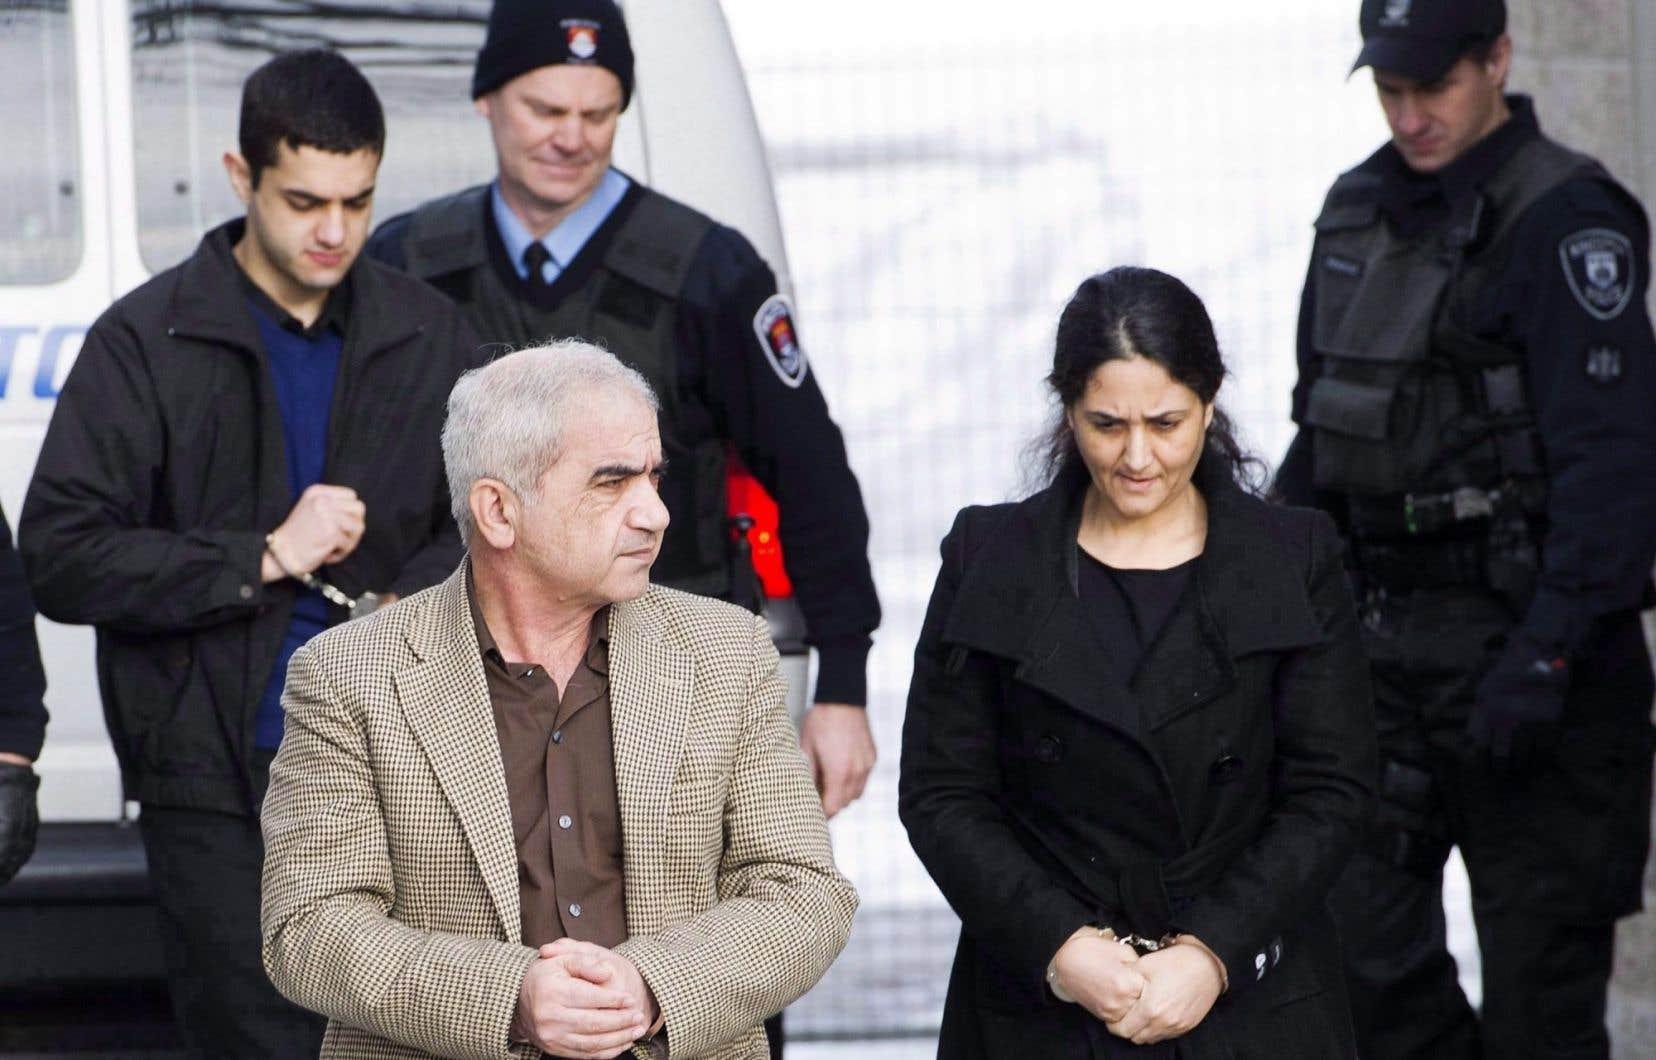 Pas de nouveau proc s pour la famille shafia le devoir - Peut on porter plainte contre un membre de sa famille ...